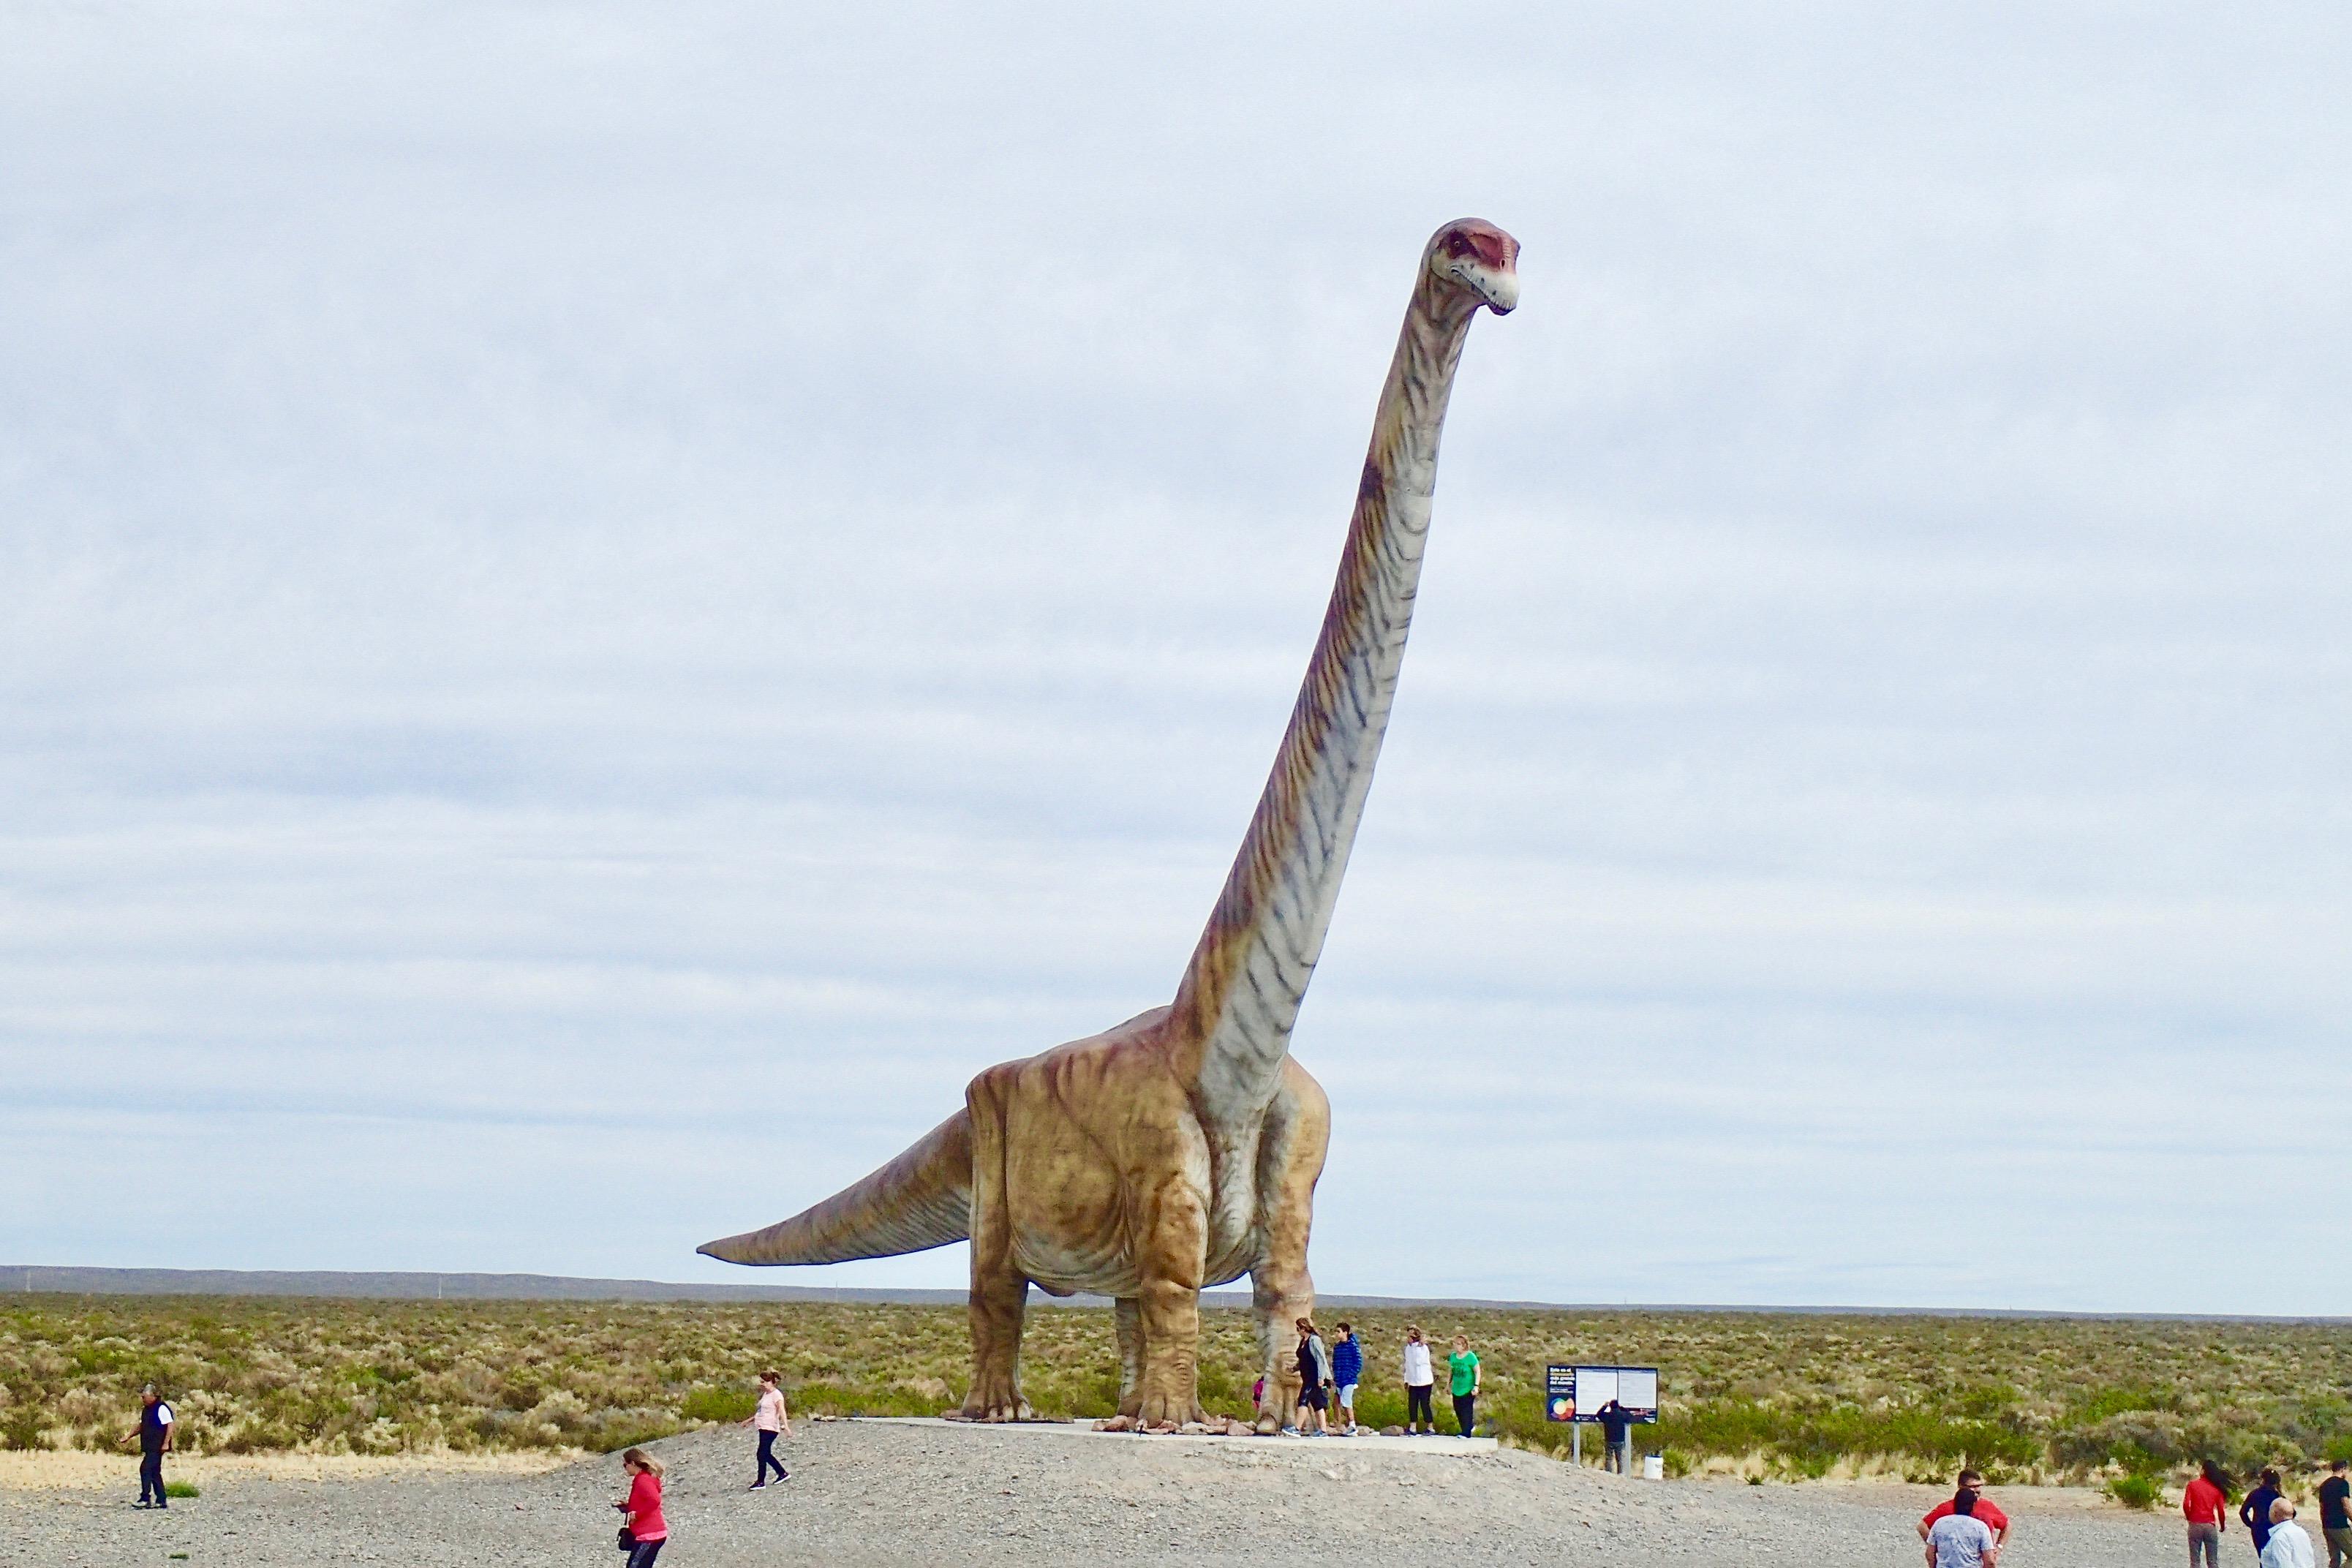 C'est parait-il le plus grand du monde